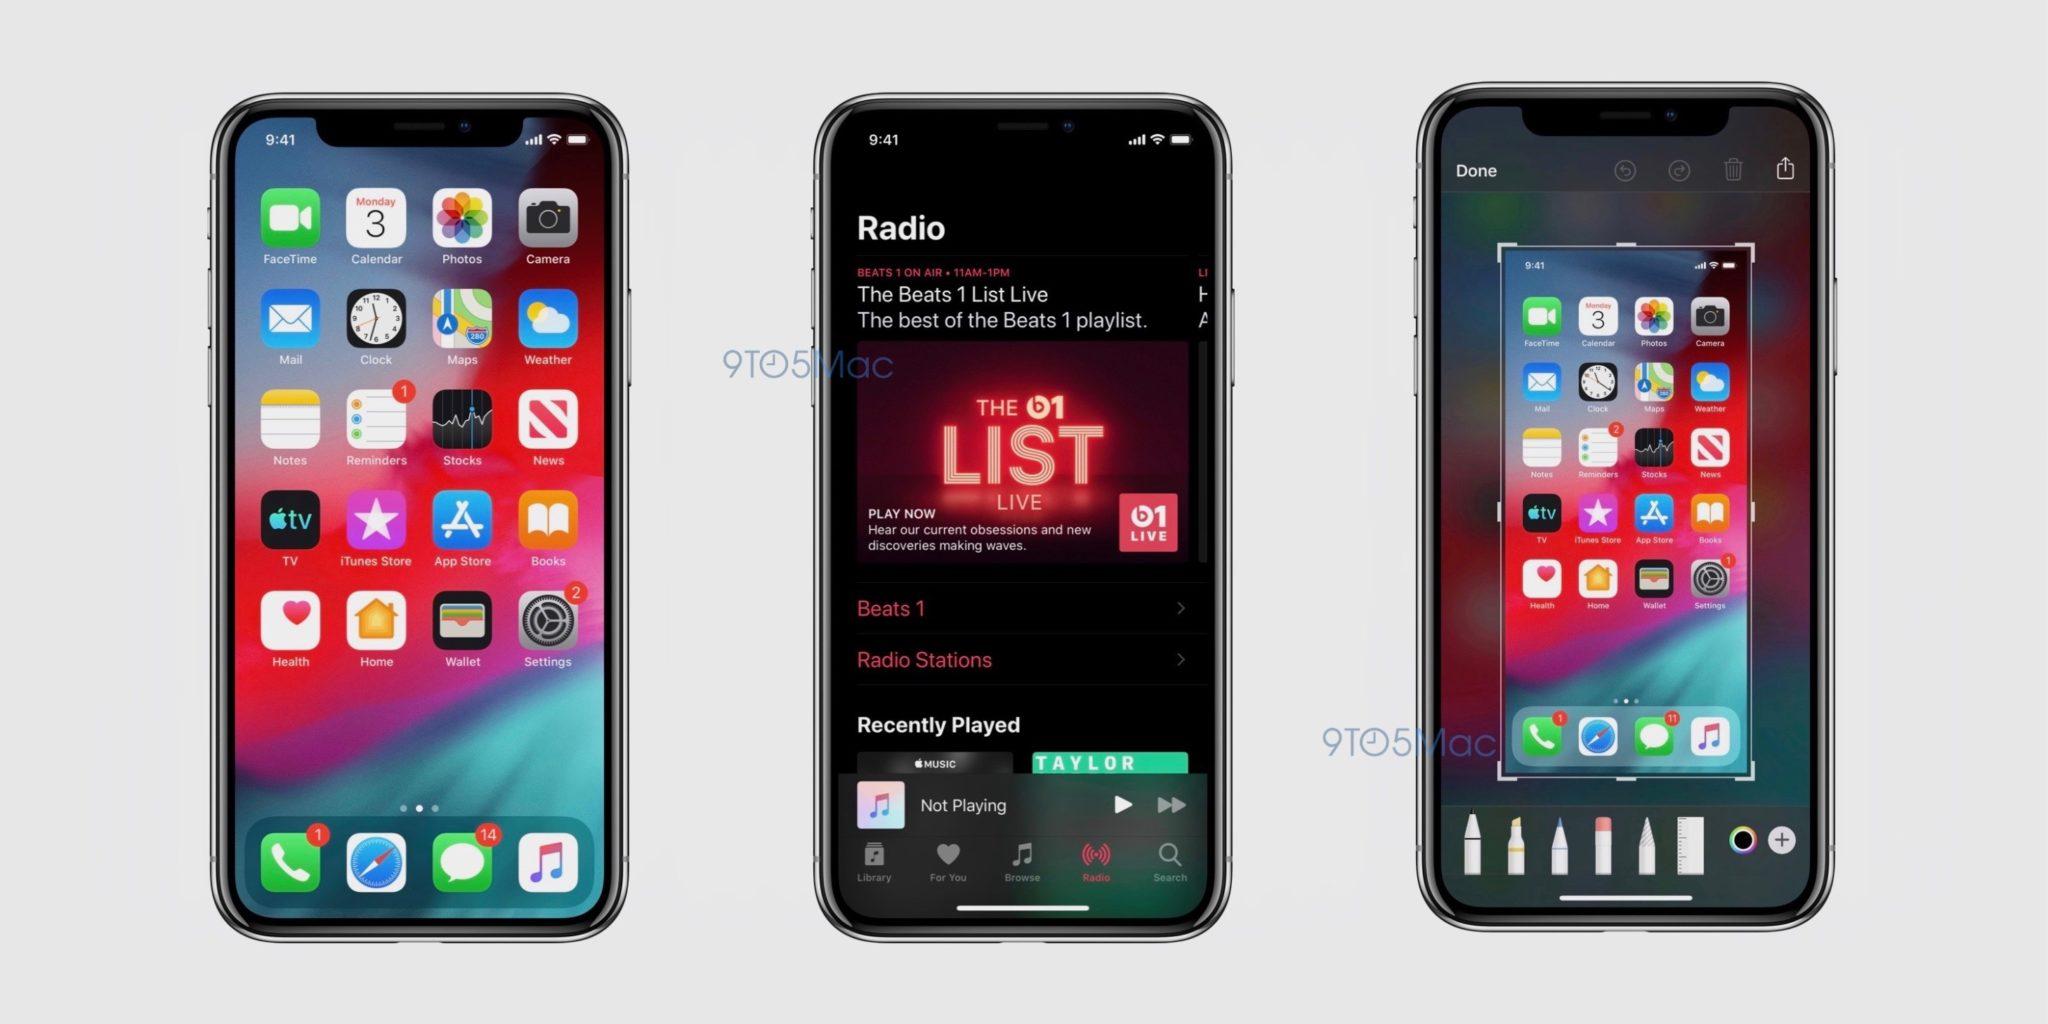 ios 13 screenshot dark mode - WWDC 2019 štartuje zajtra večer, čo všetko od konferencie očakávame?